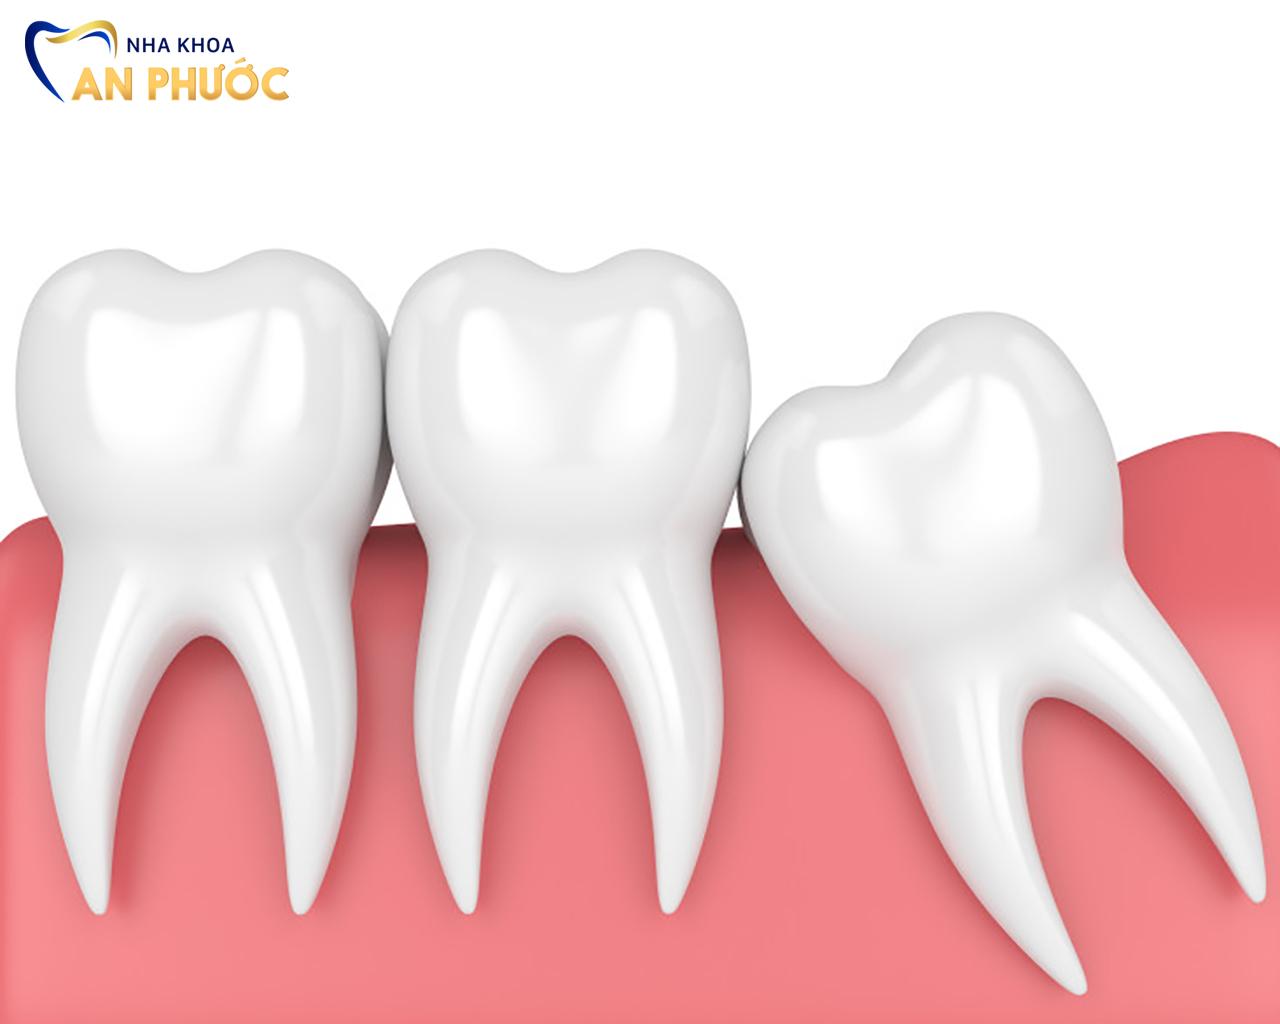 Nhổ răng khôn nếu những cơn đau nhức kéo dài